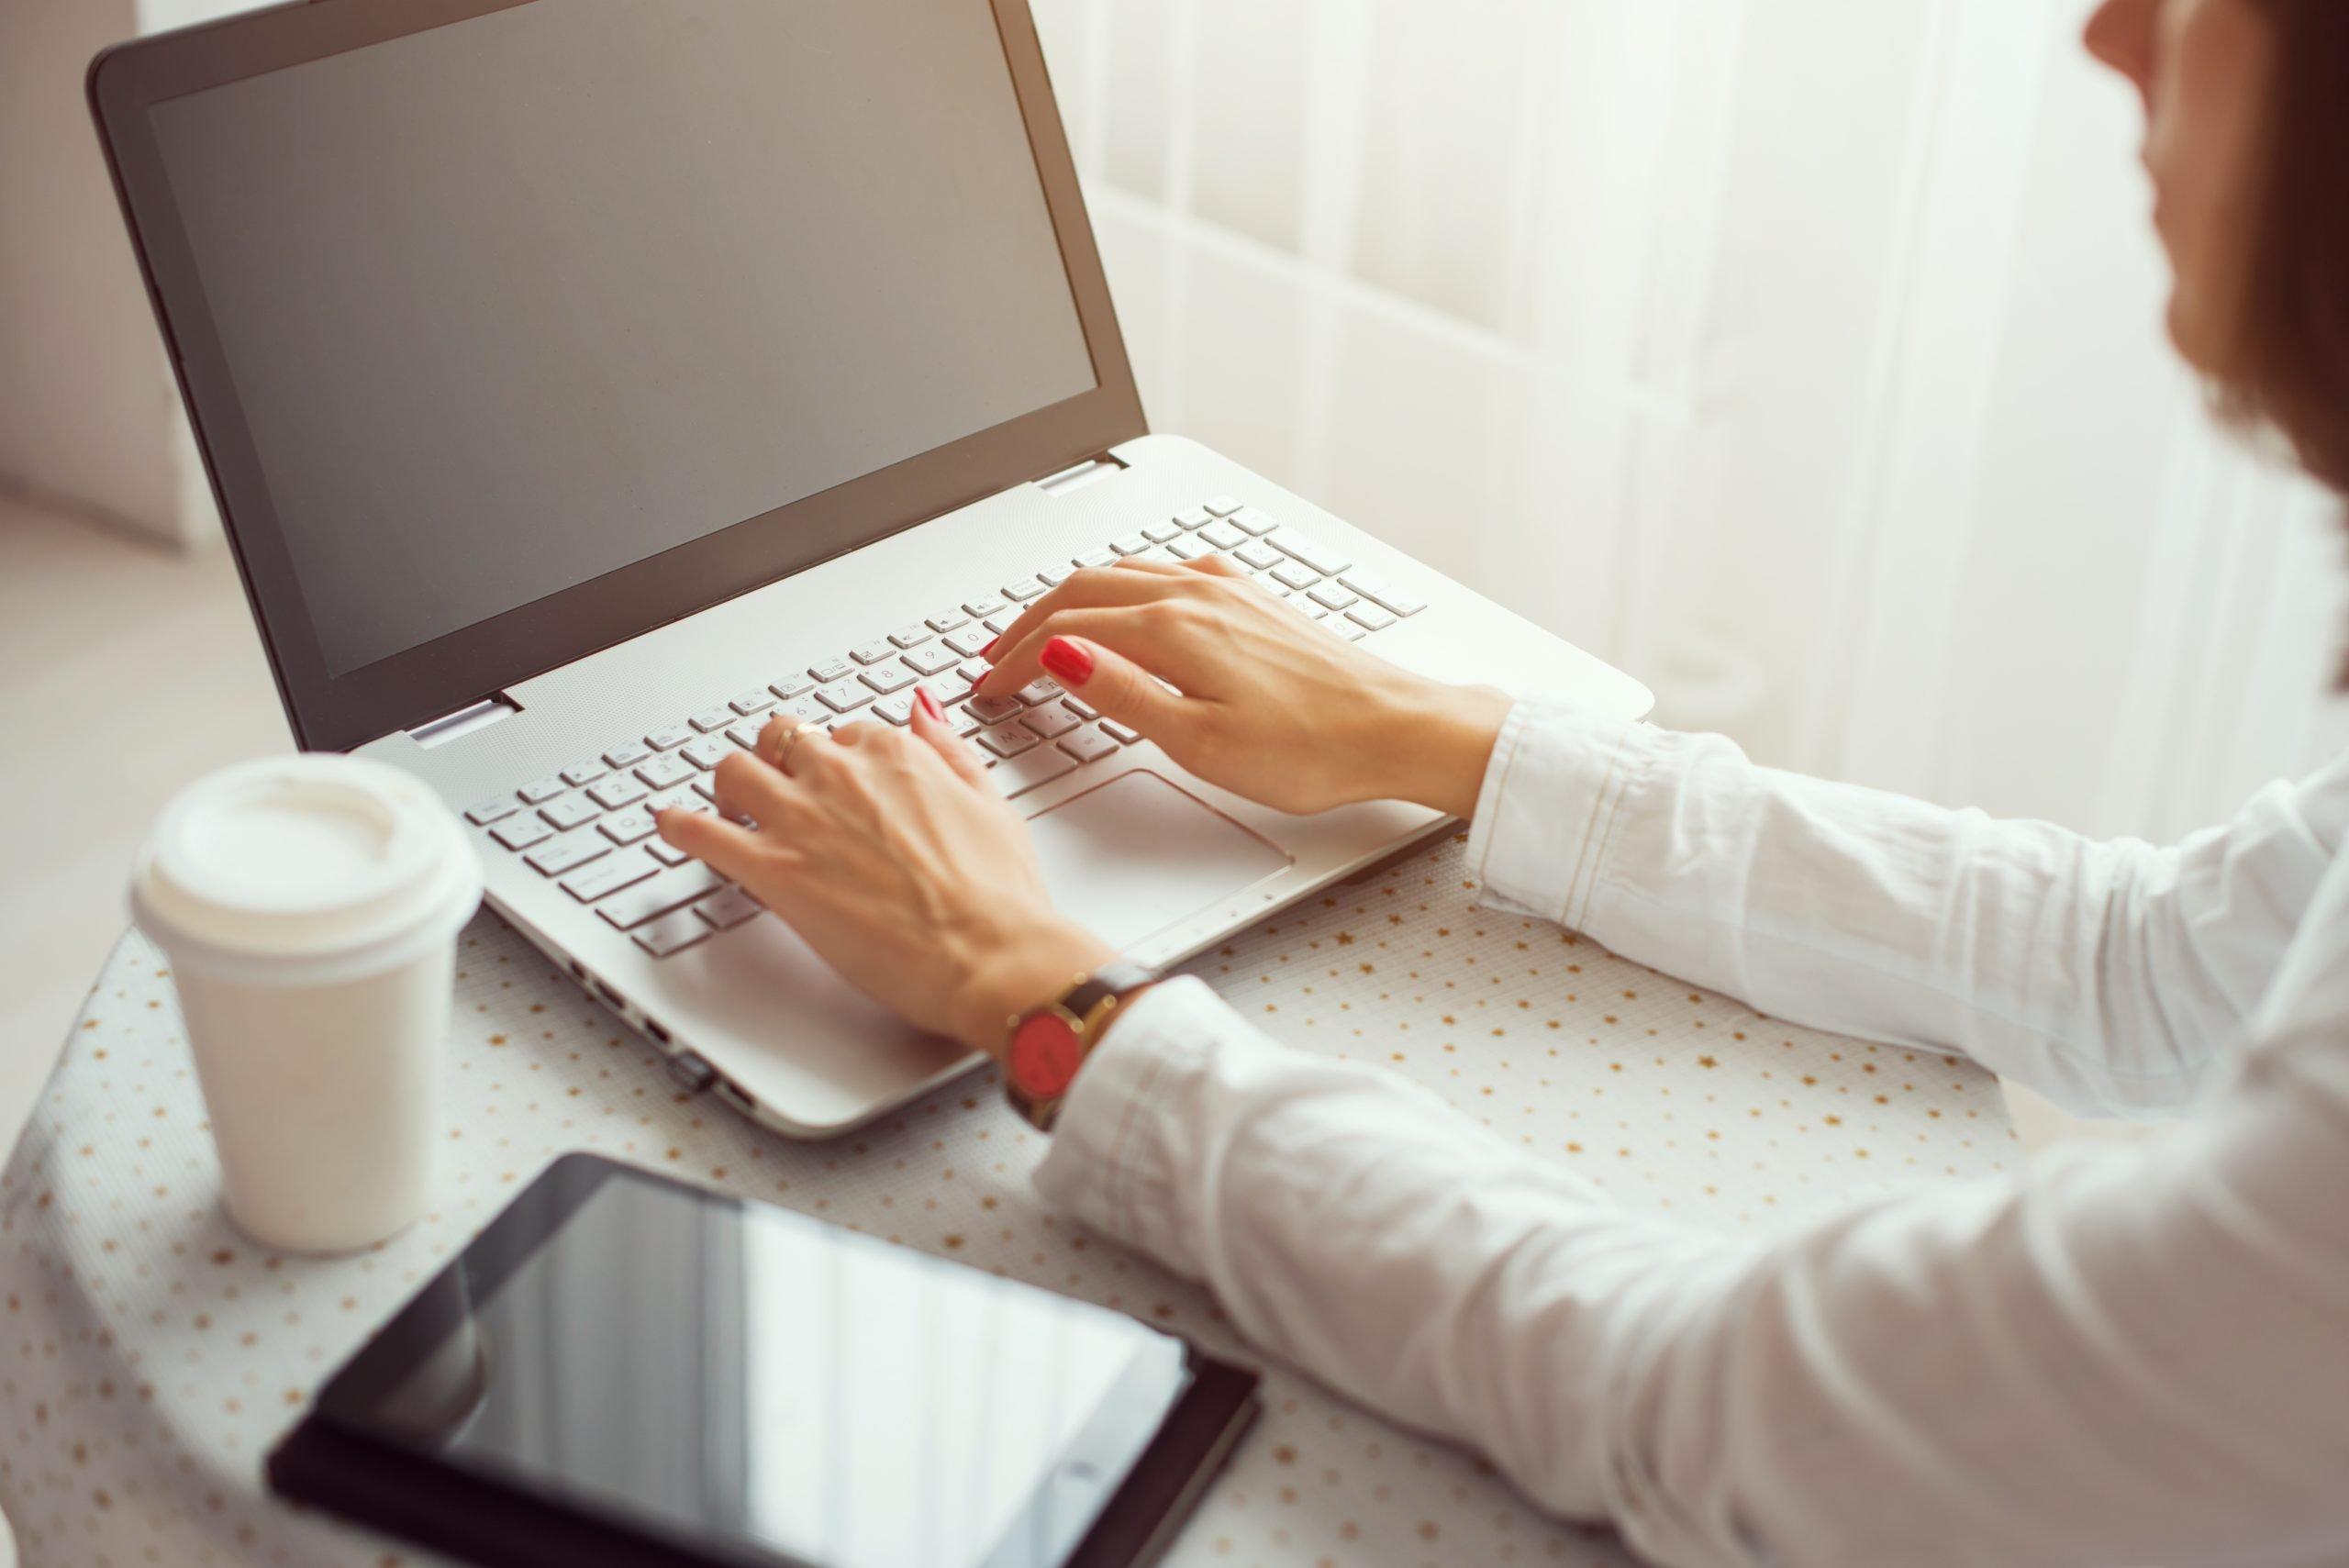 freelance writer typing on laptop at home